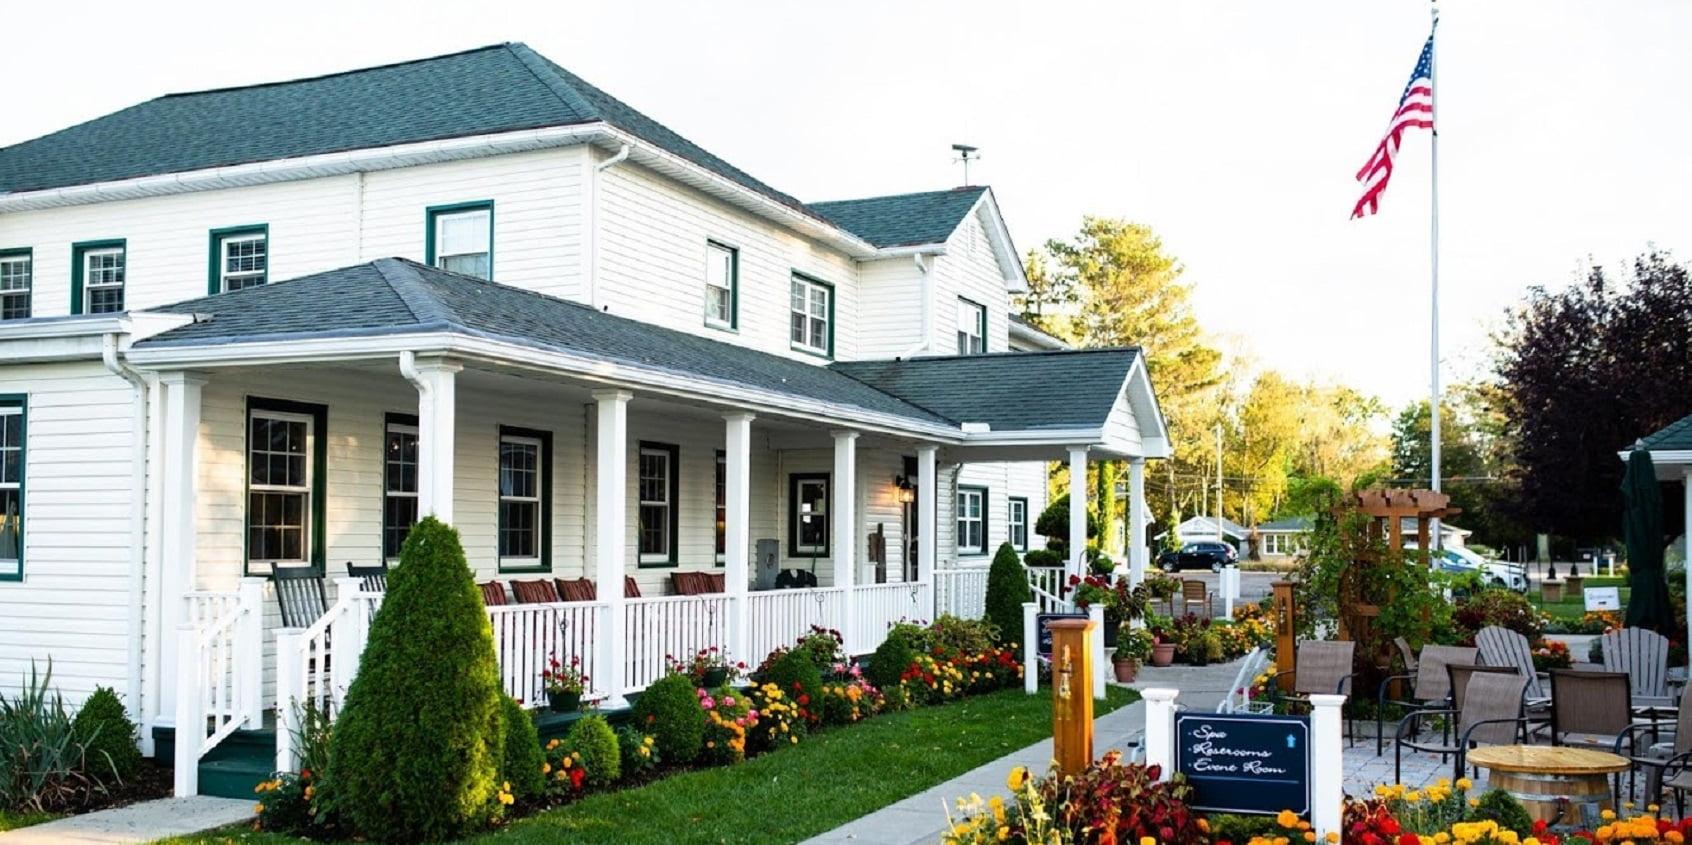 Lakehouse Inn Exterior View